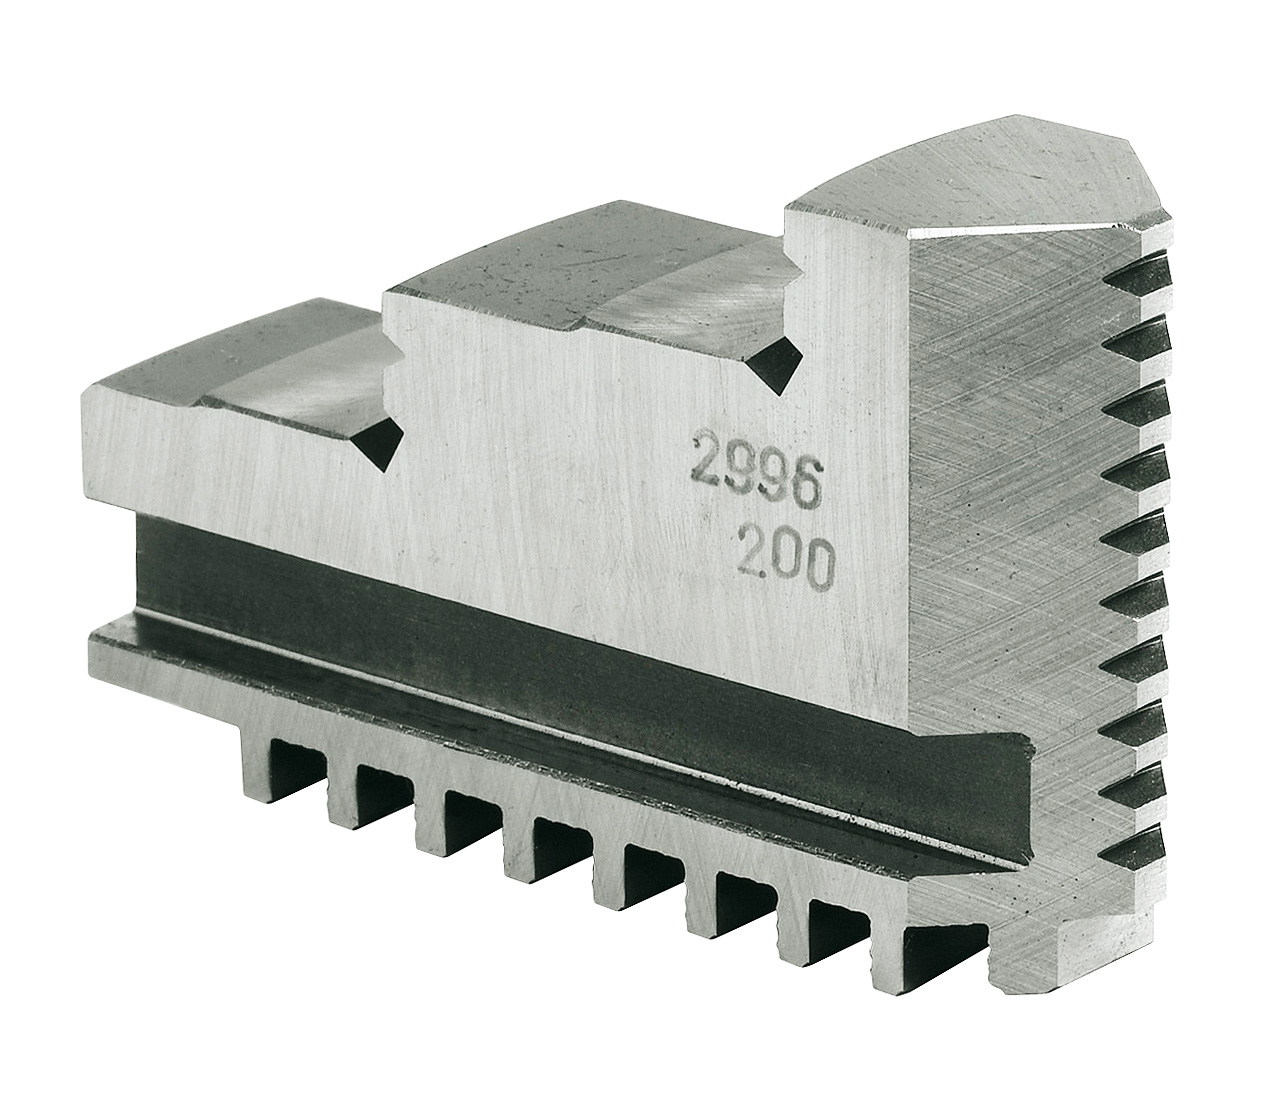 Szczęki jednolite twarde zewnętrzne - kompletOJ-PS4-200 BERNARDO